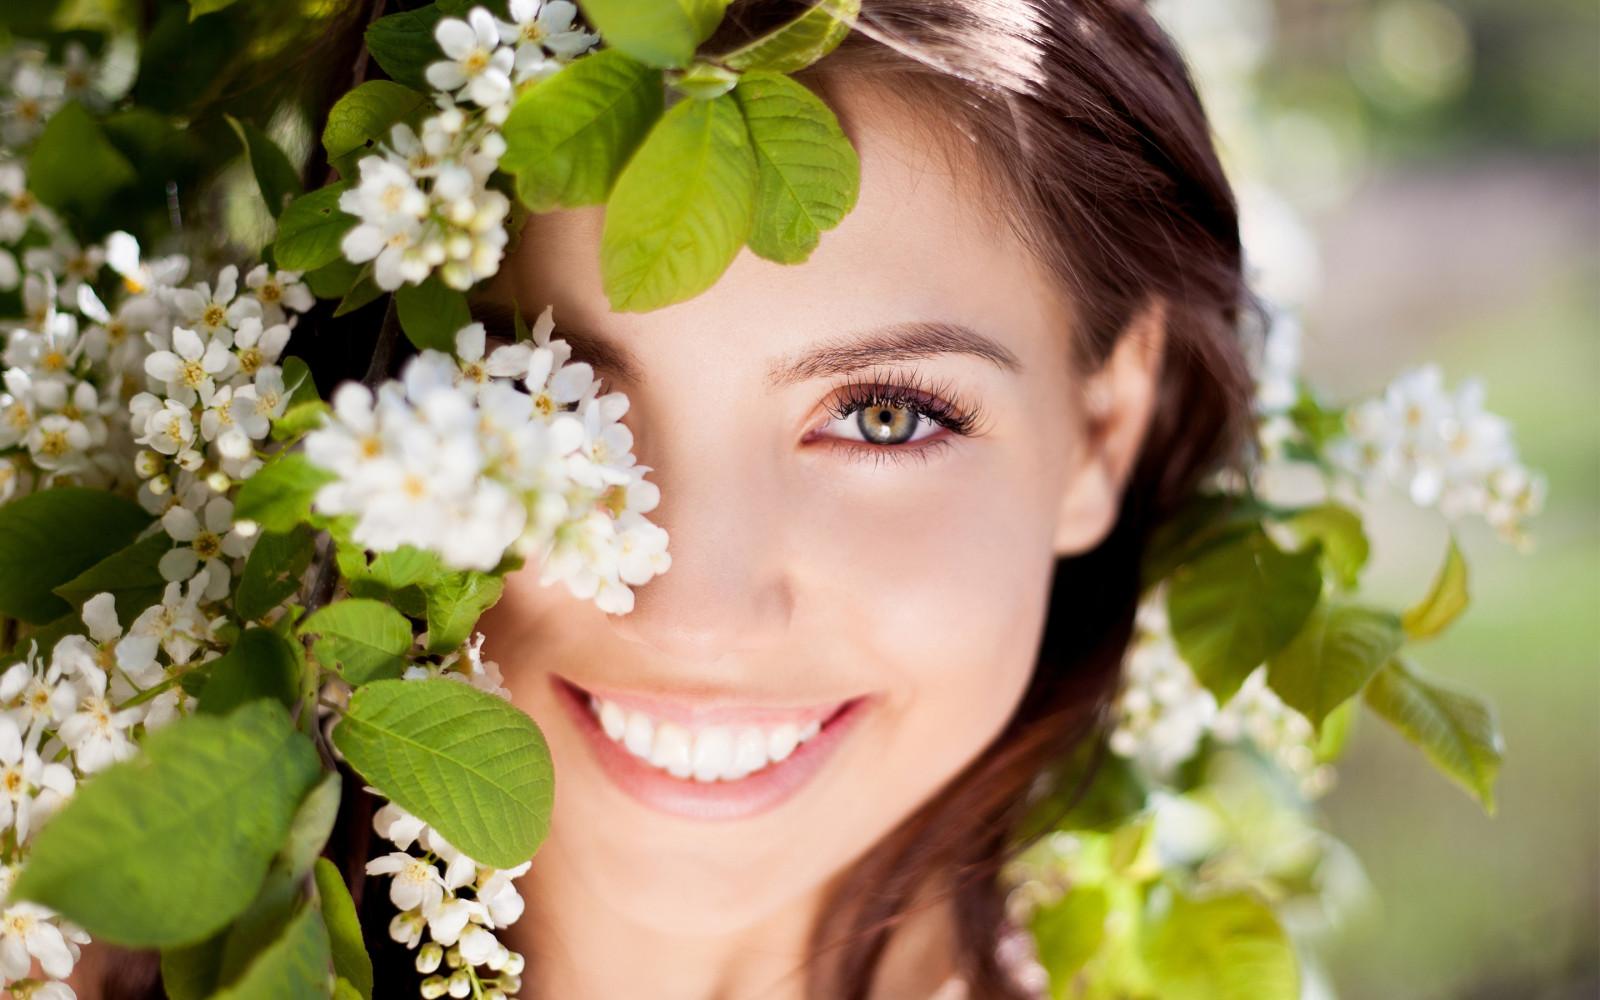 Fond d'écran : visage, femmes, la photographie, vert, fleur, printemps, peau, tête, fille ...